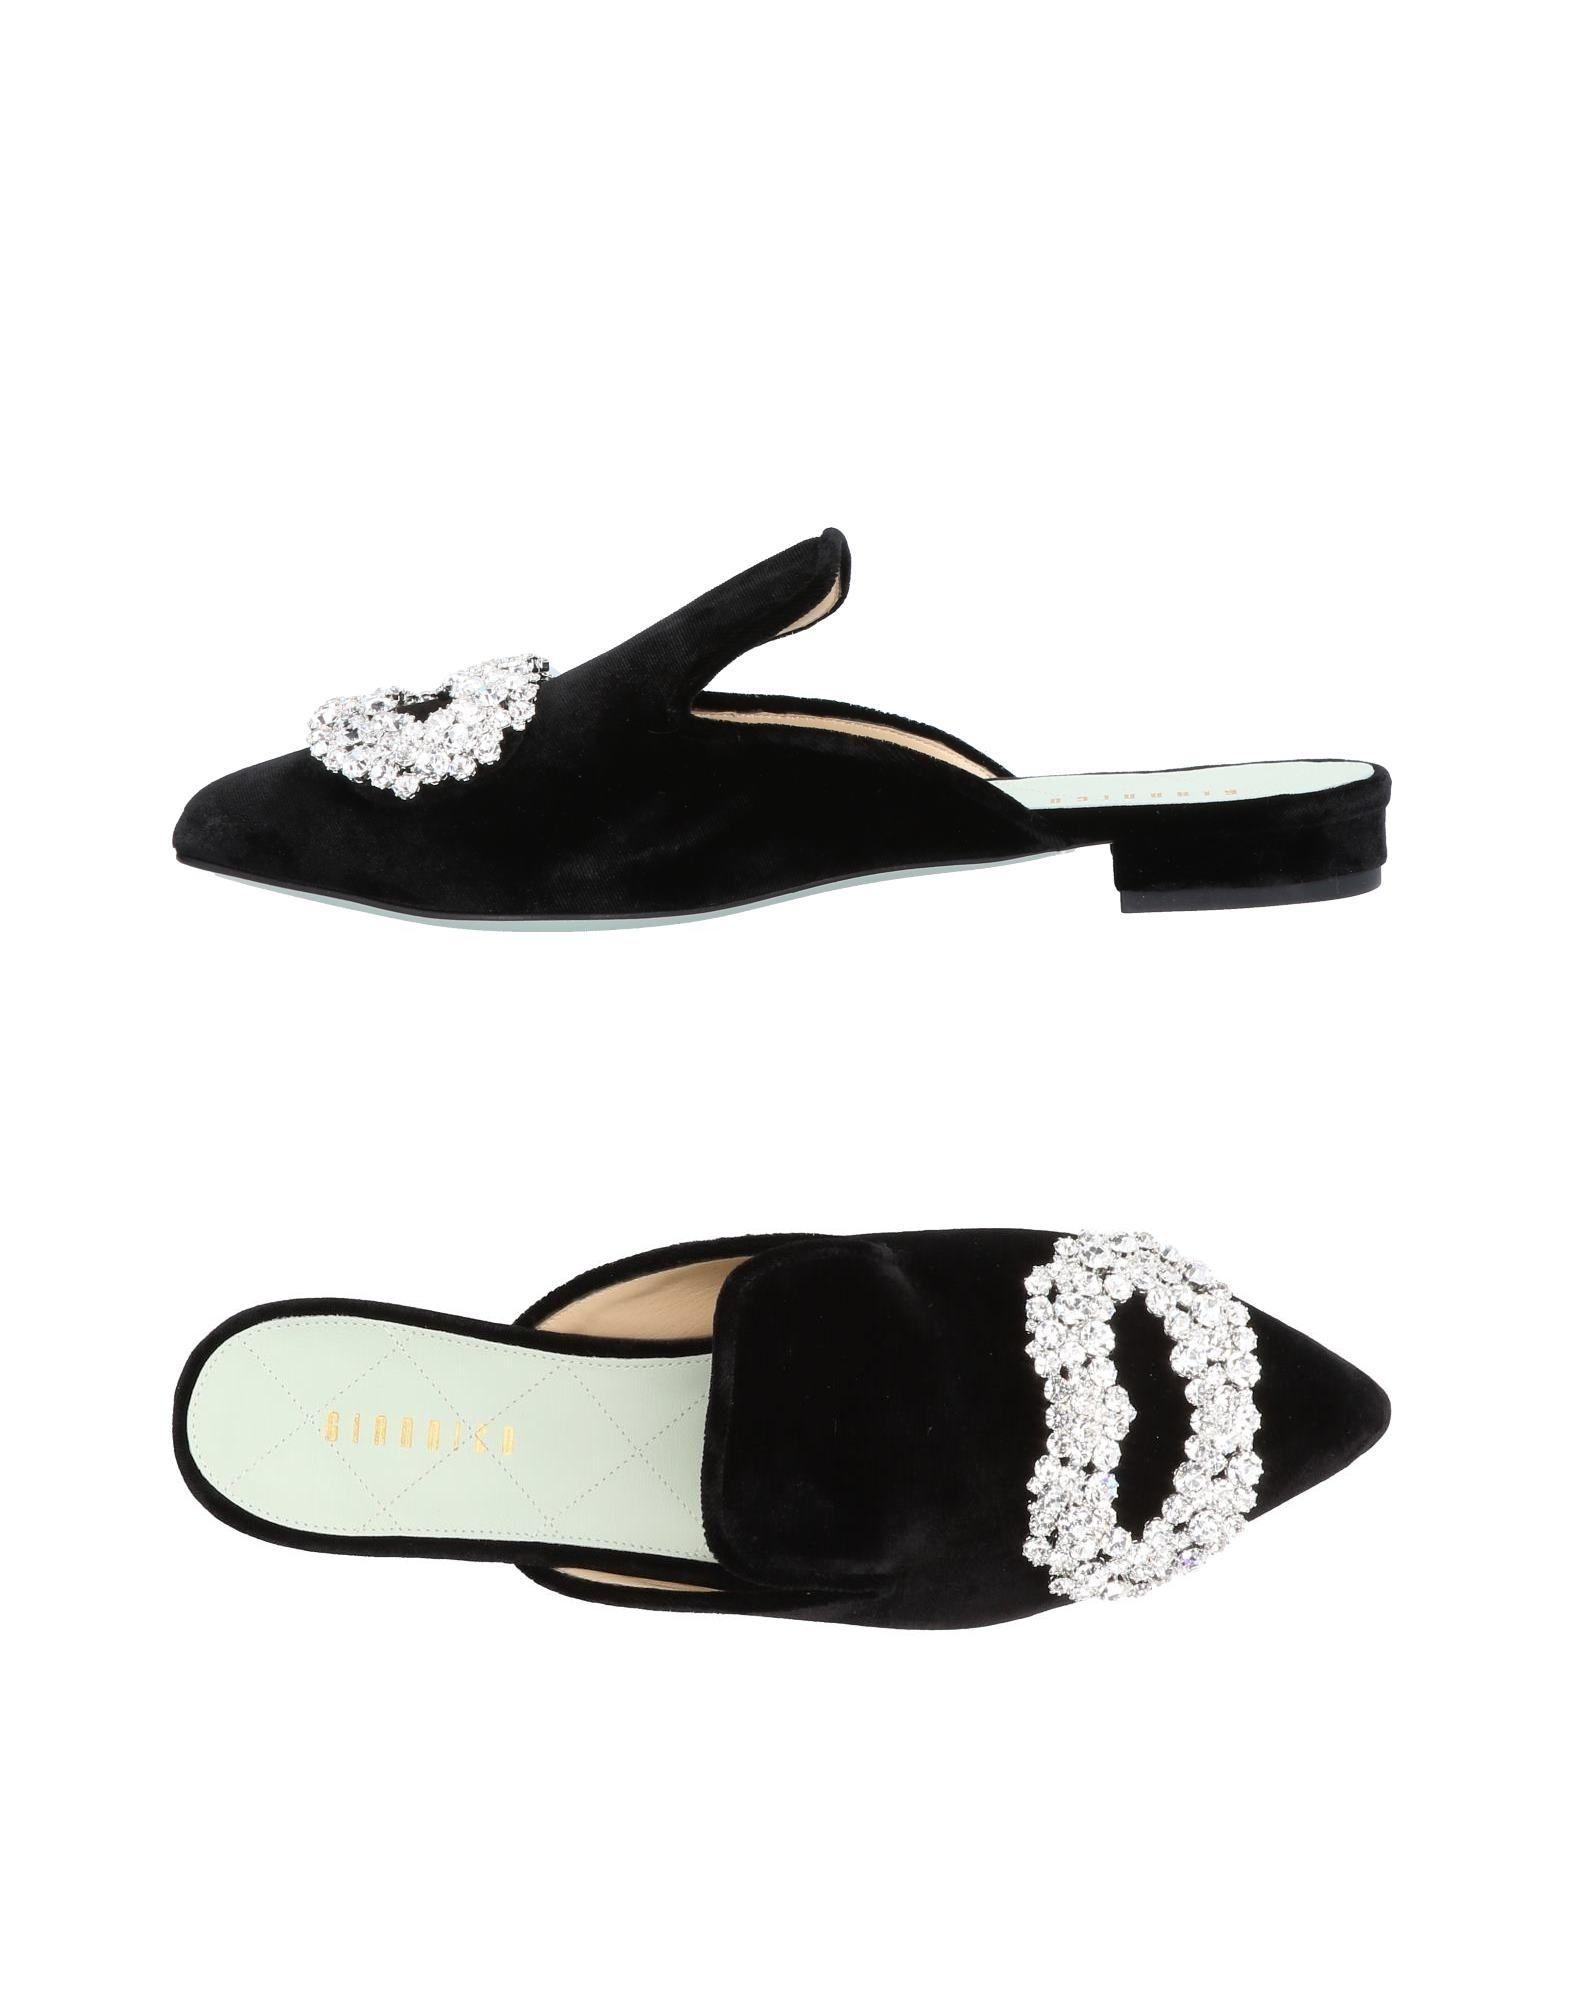 Rabatt Schuhe Giannico Damen Pantoletten Damen Giannico  11485578SC 30f708